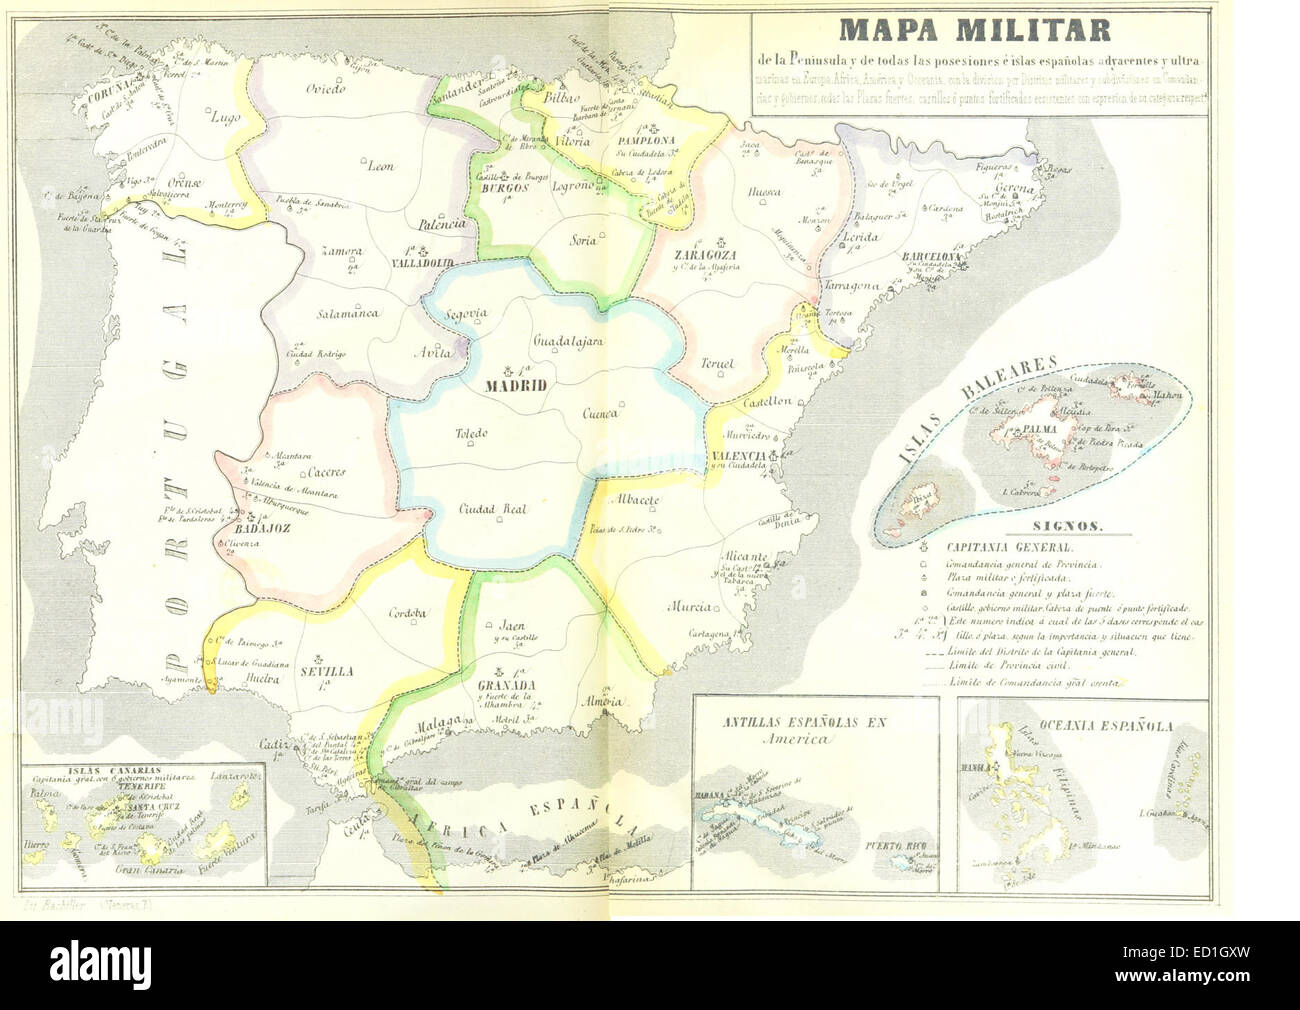 Mapa De La Peninsula.Mapa Militar De La Peninsula De Todas Las Posesiones